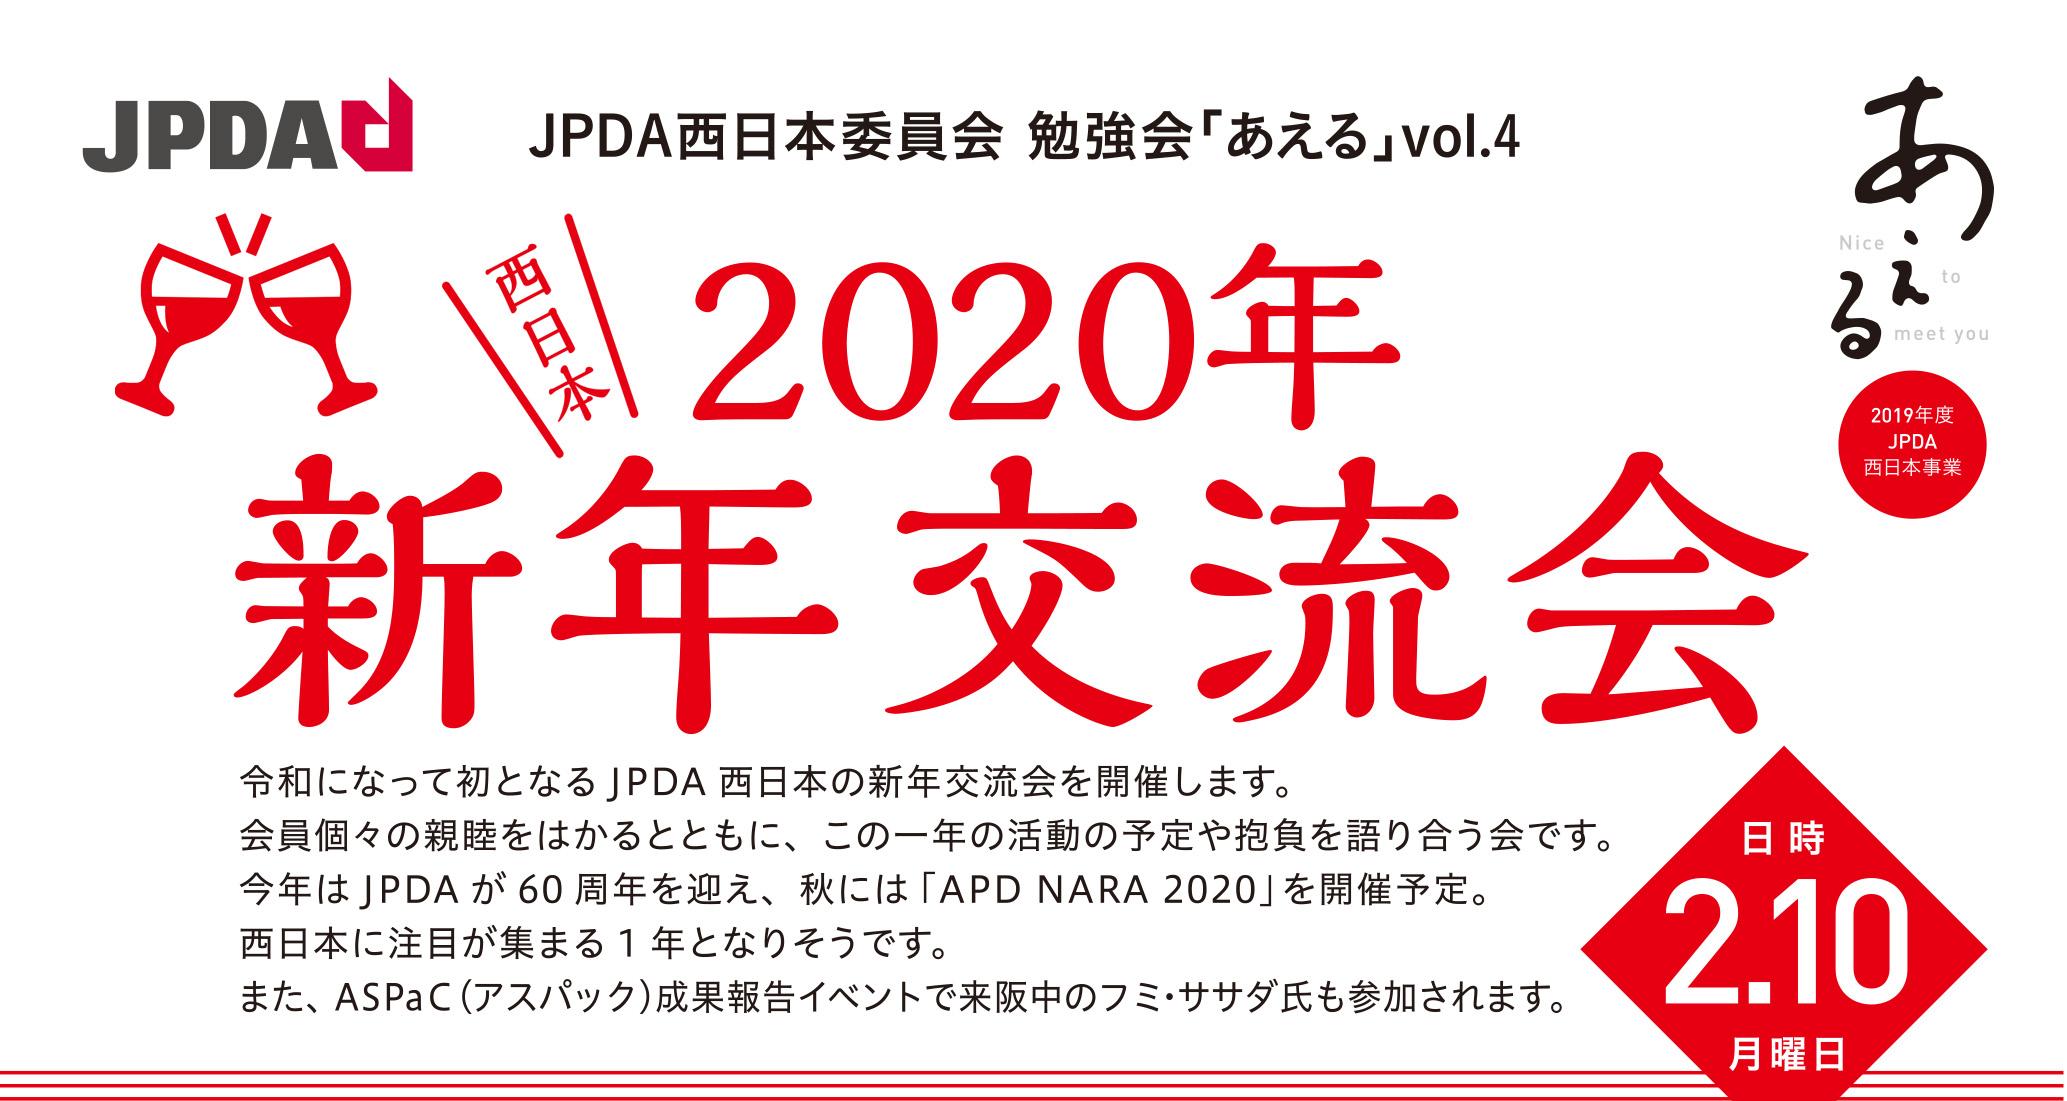 2020年 西日本新年交流会のイメージ